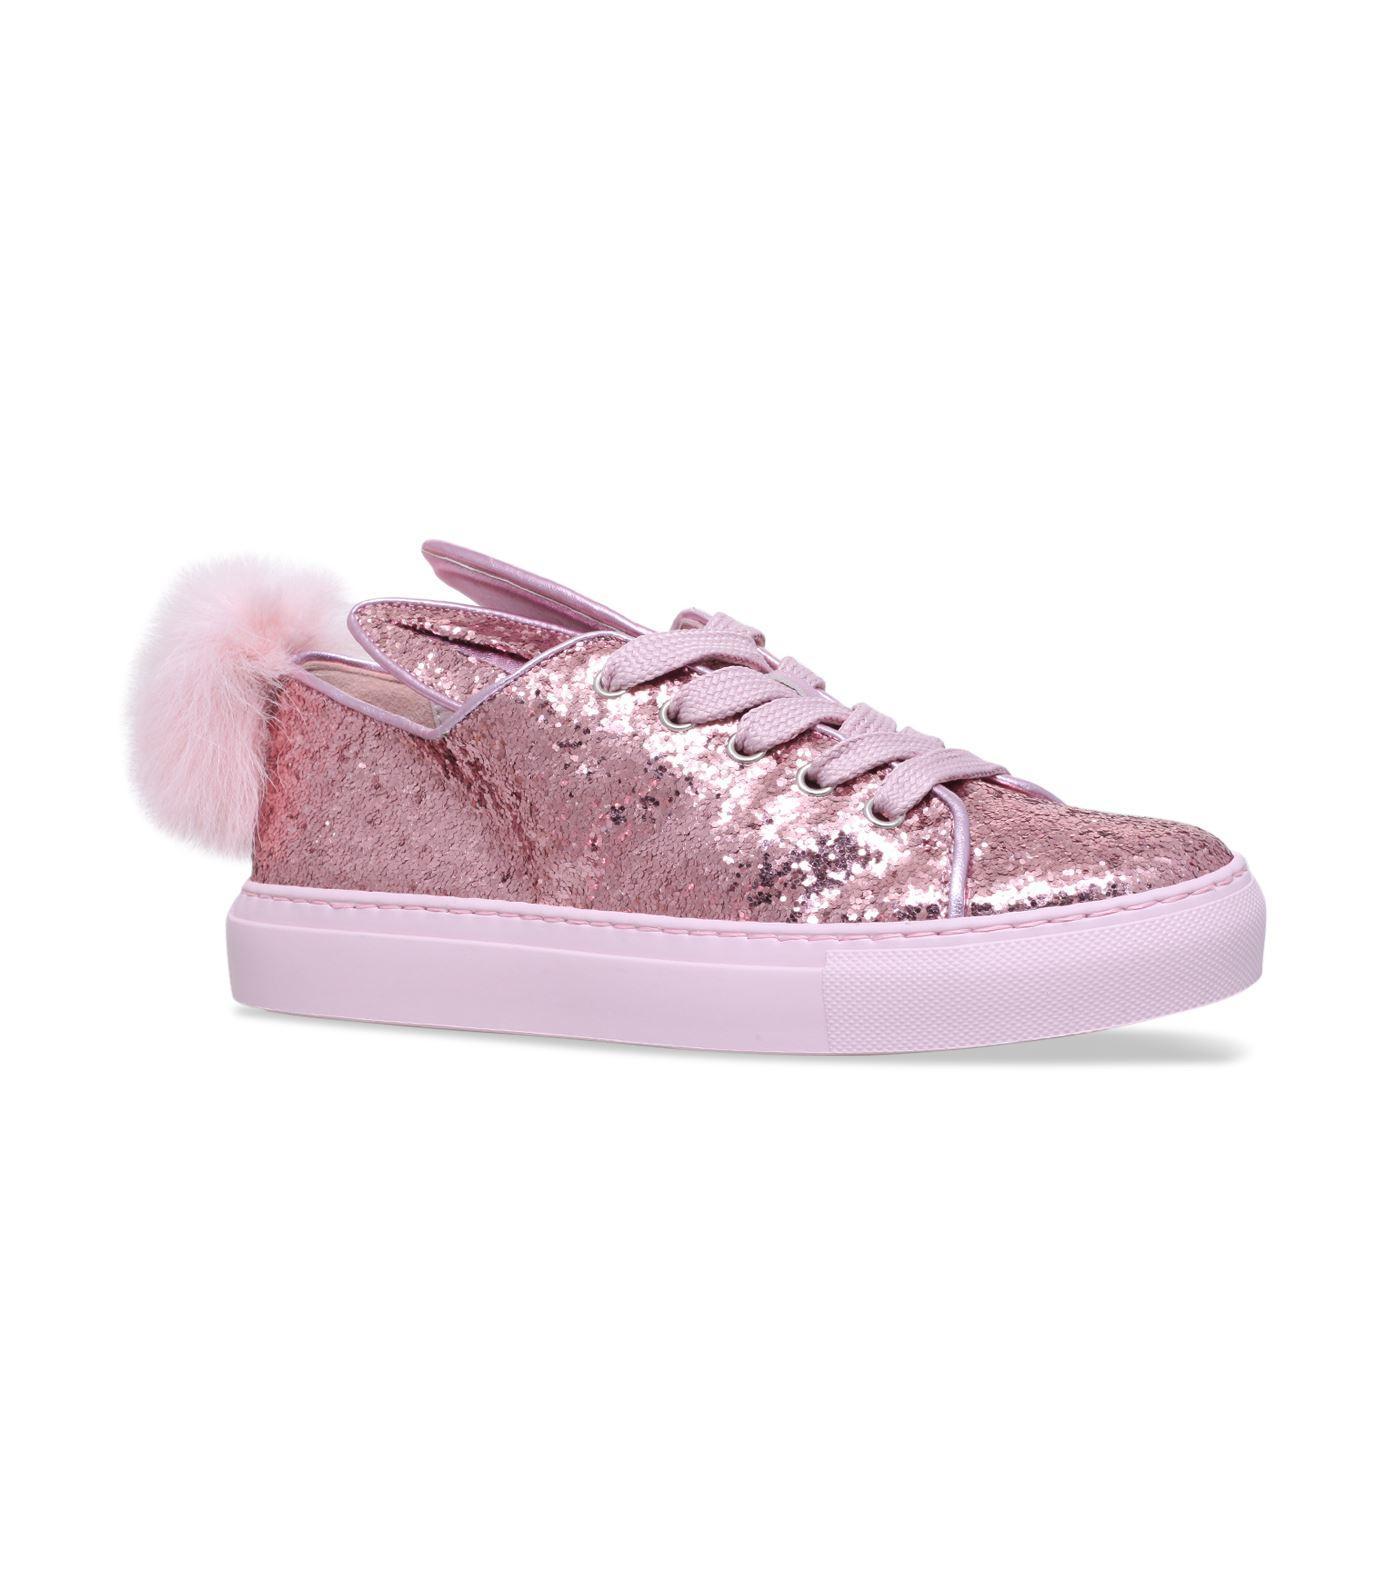 Minna Parikka Glitter Tail Sneakers In Pink